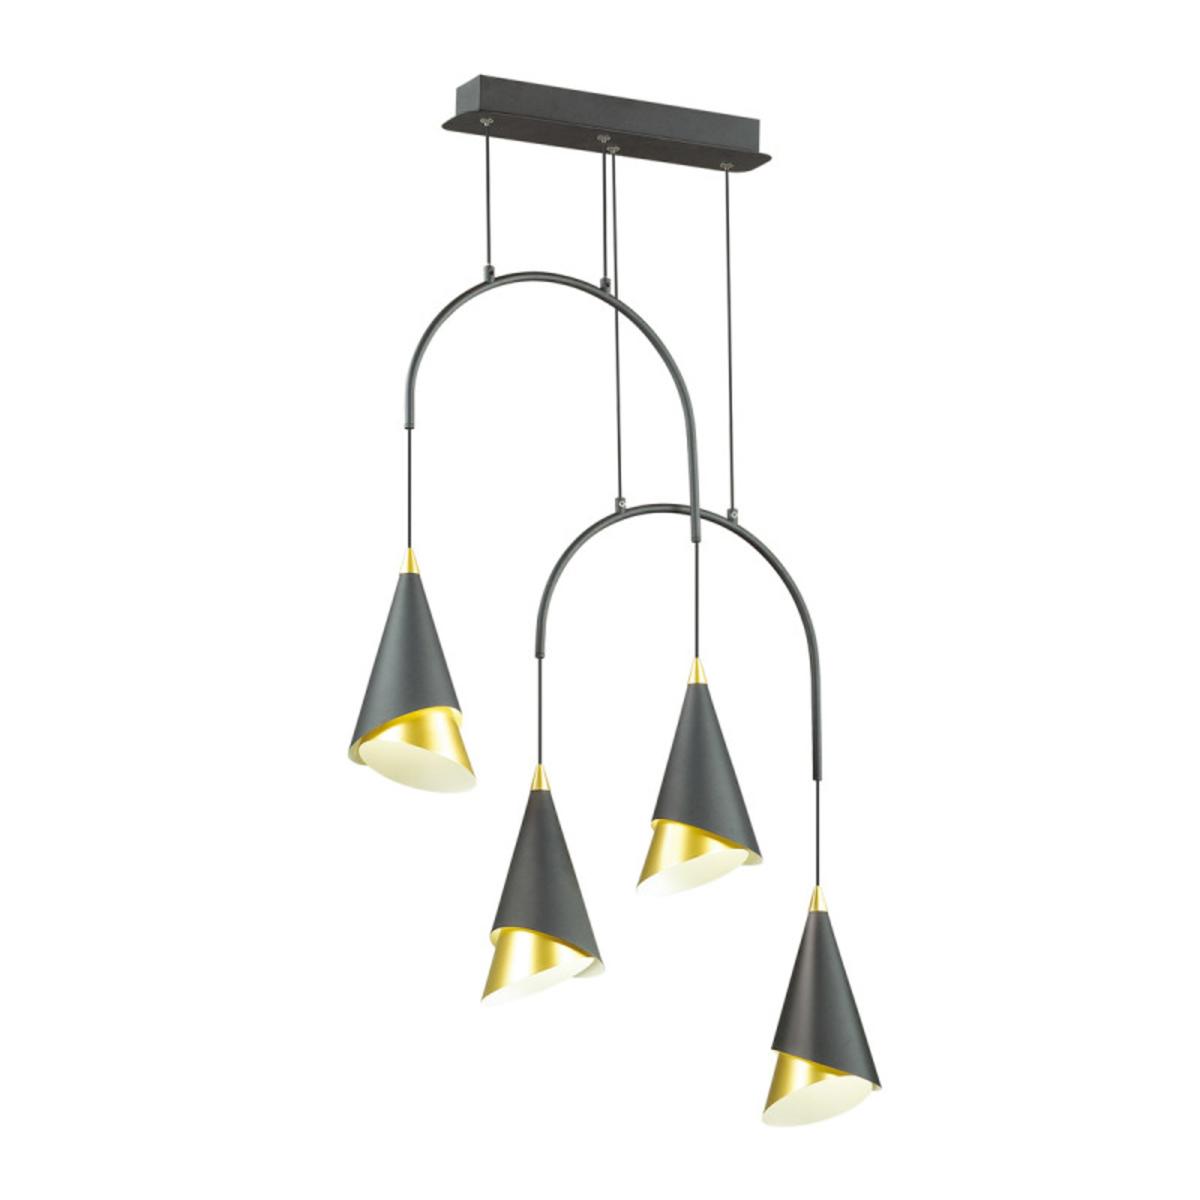 Купить Подвесной светильник ETNA Подвесной светильник Odeon Light 4116/28L (15574), HomeMe